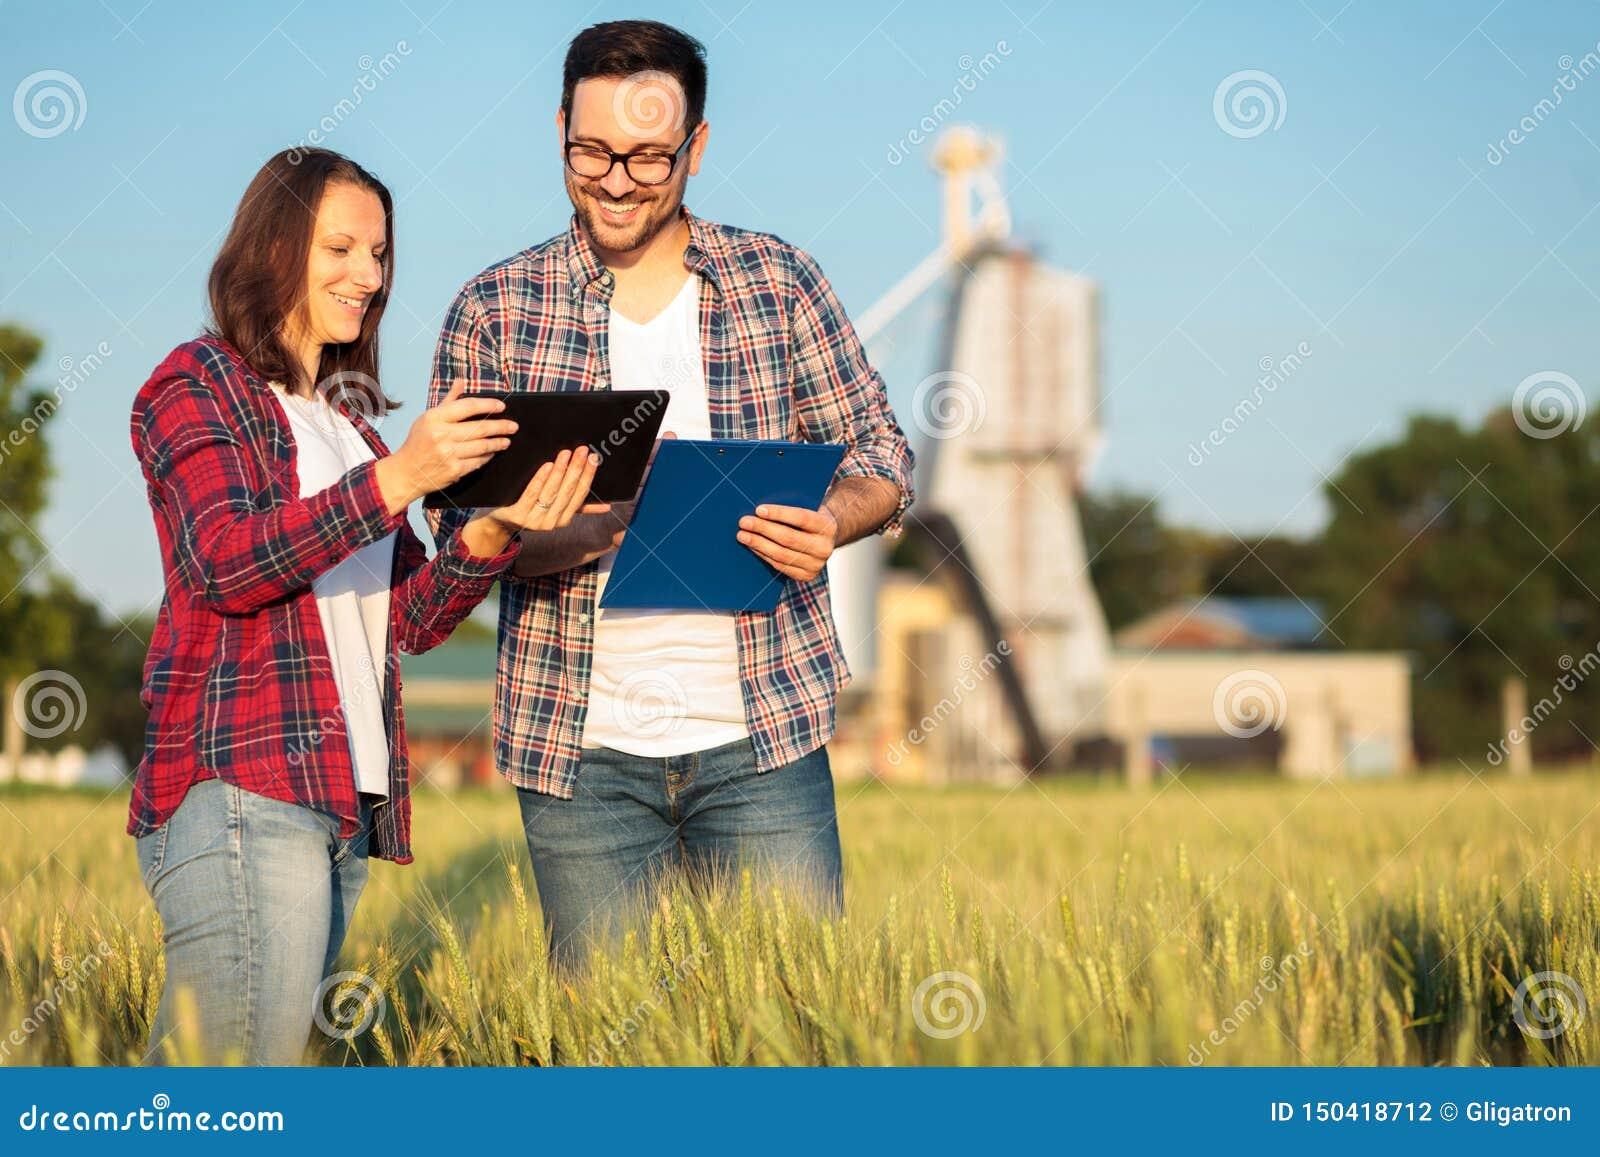 Lächelnder glücklicher junger Mann zwei und weibliche Agronomen oder Landwirte, die auf einem Weizengebiet sprechen